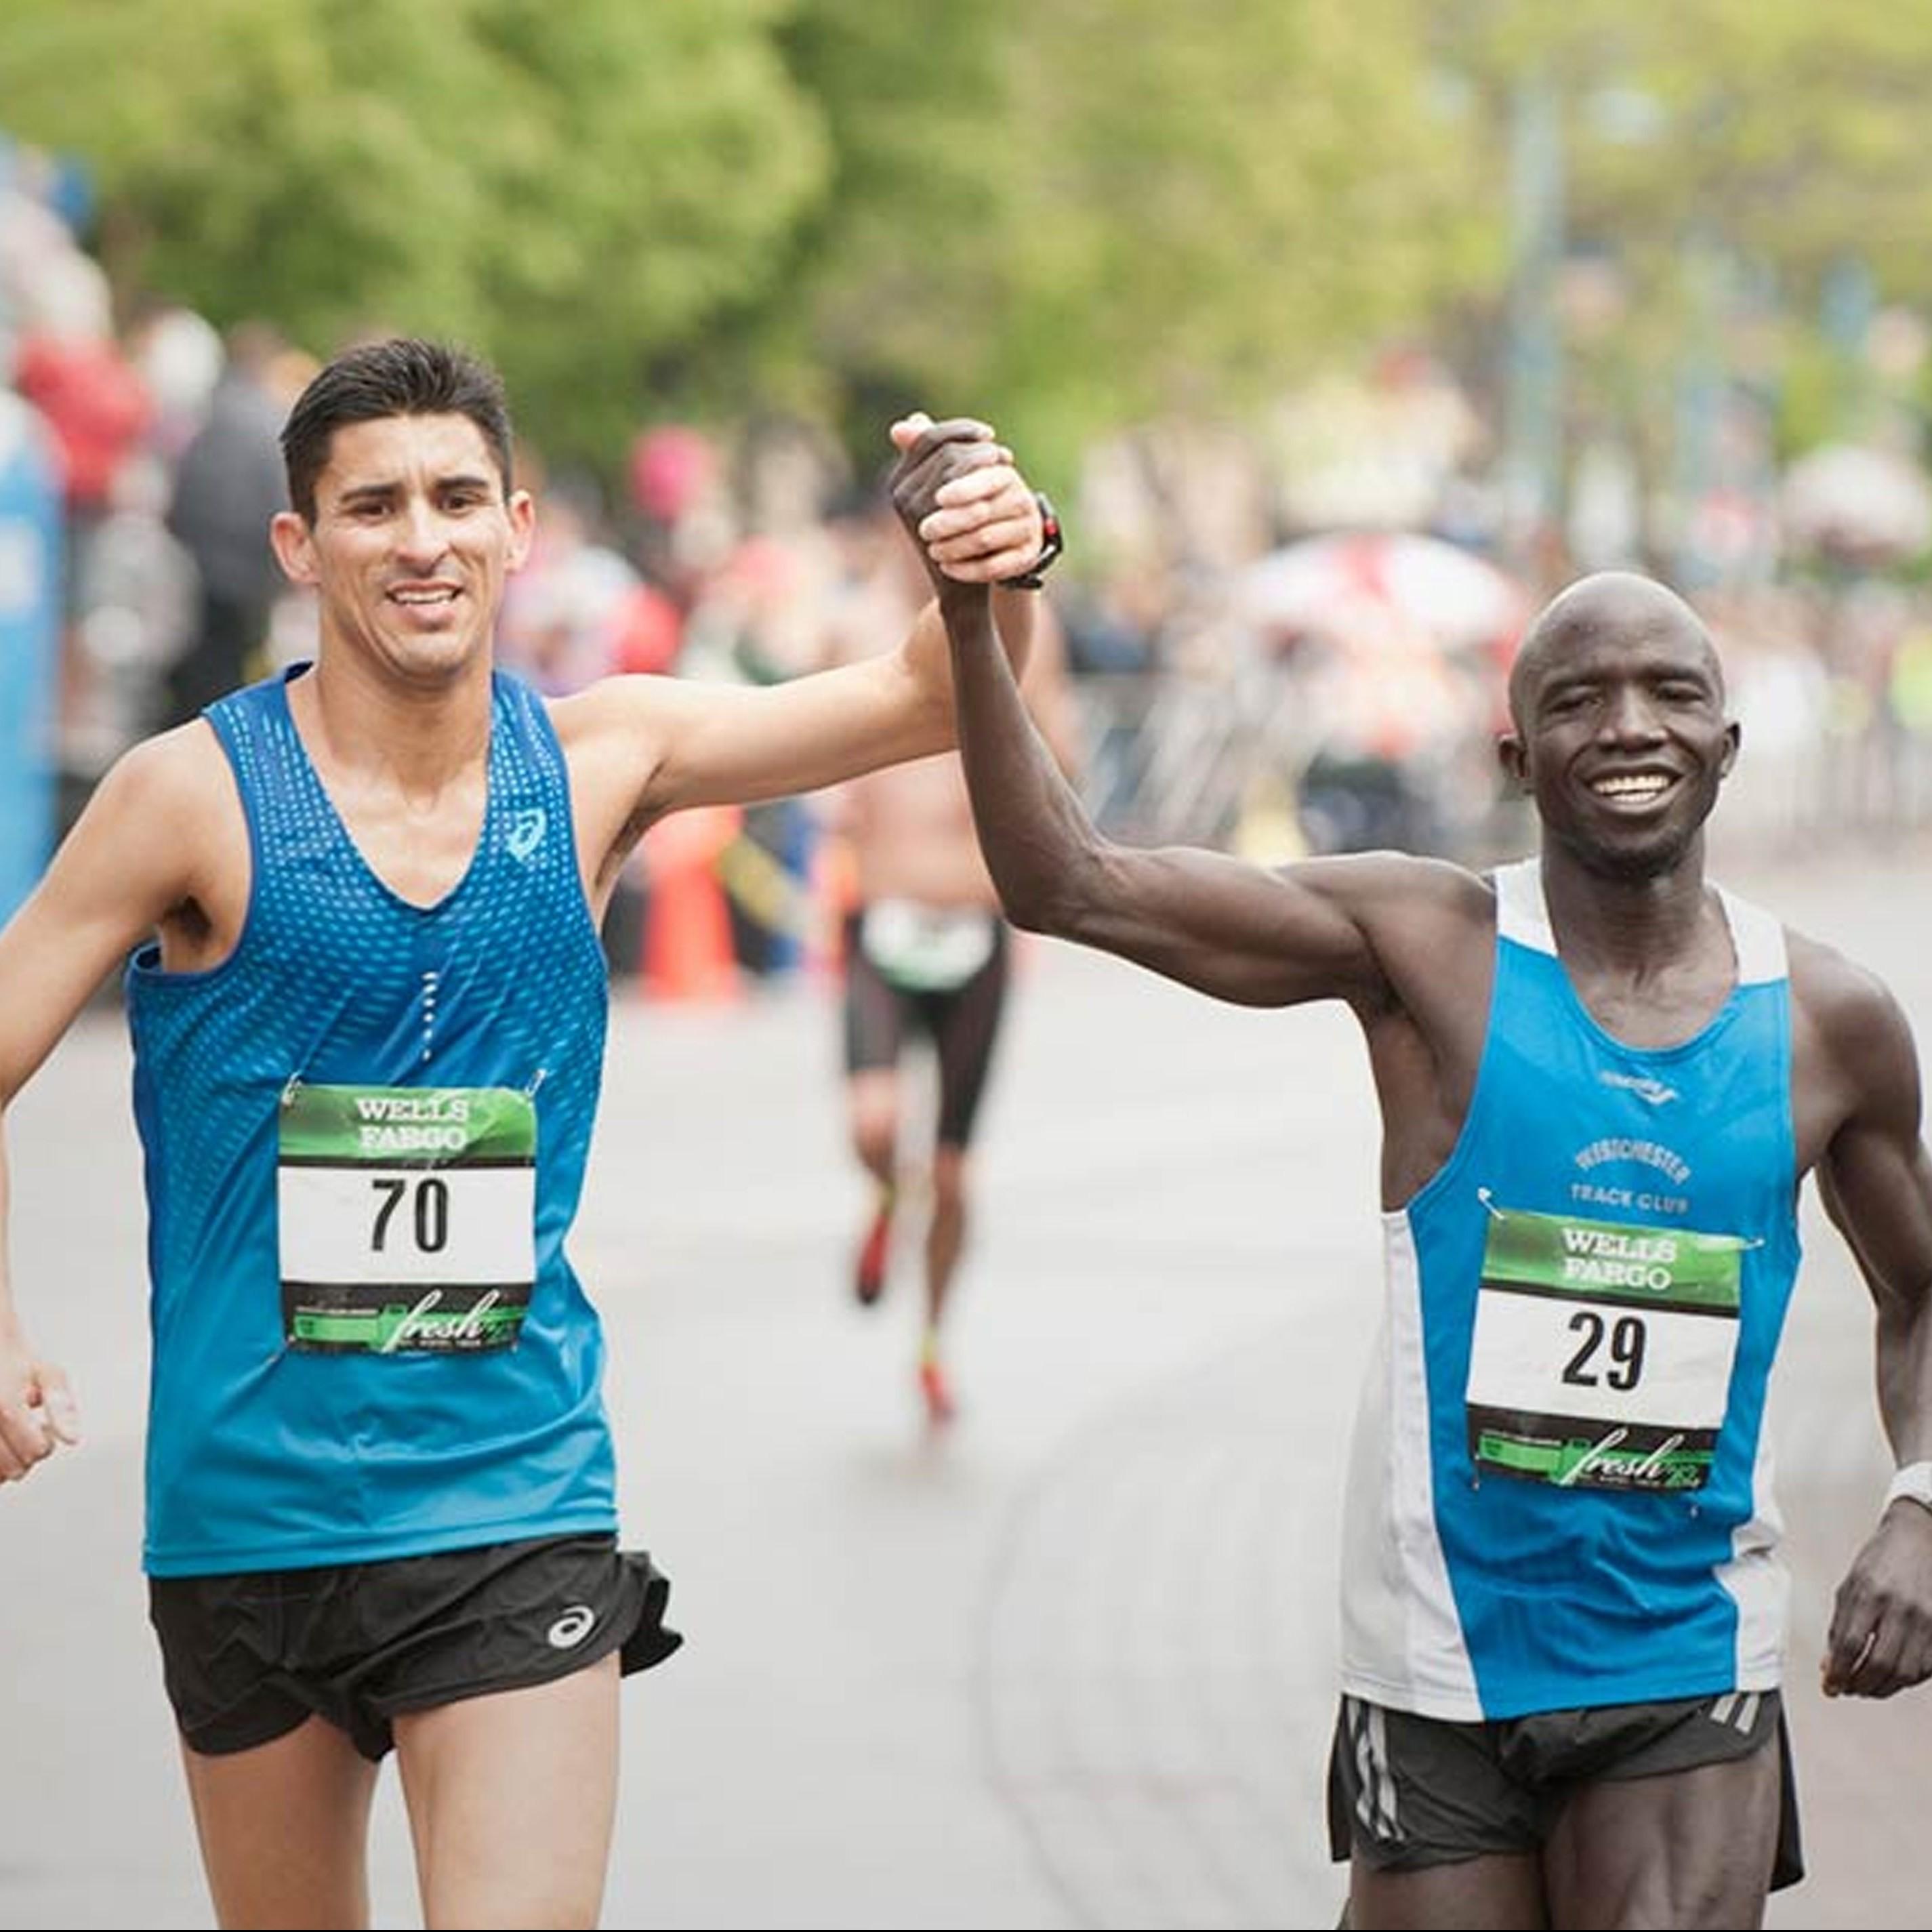 Grandma's Marathon male racers